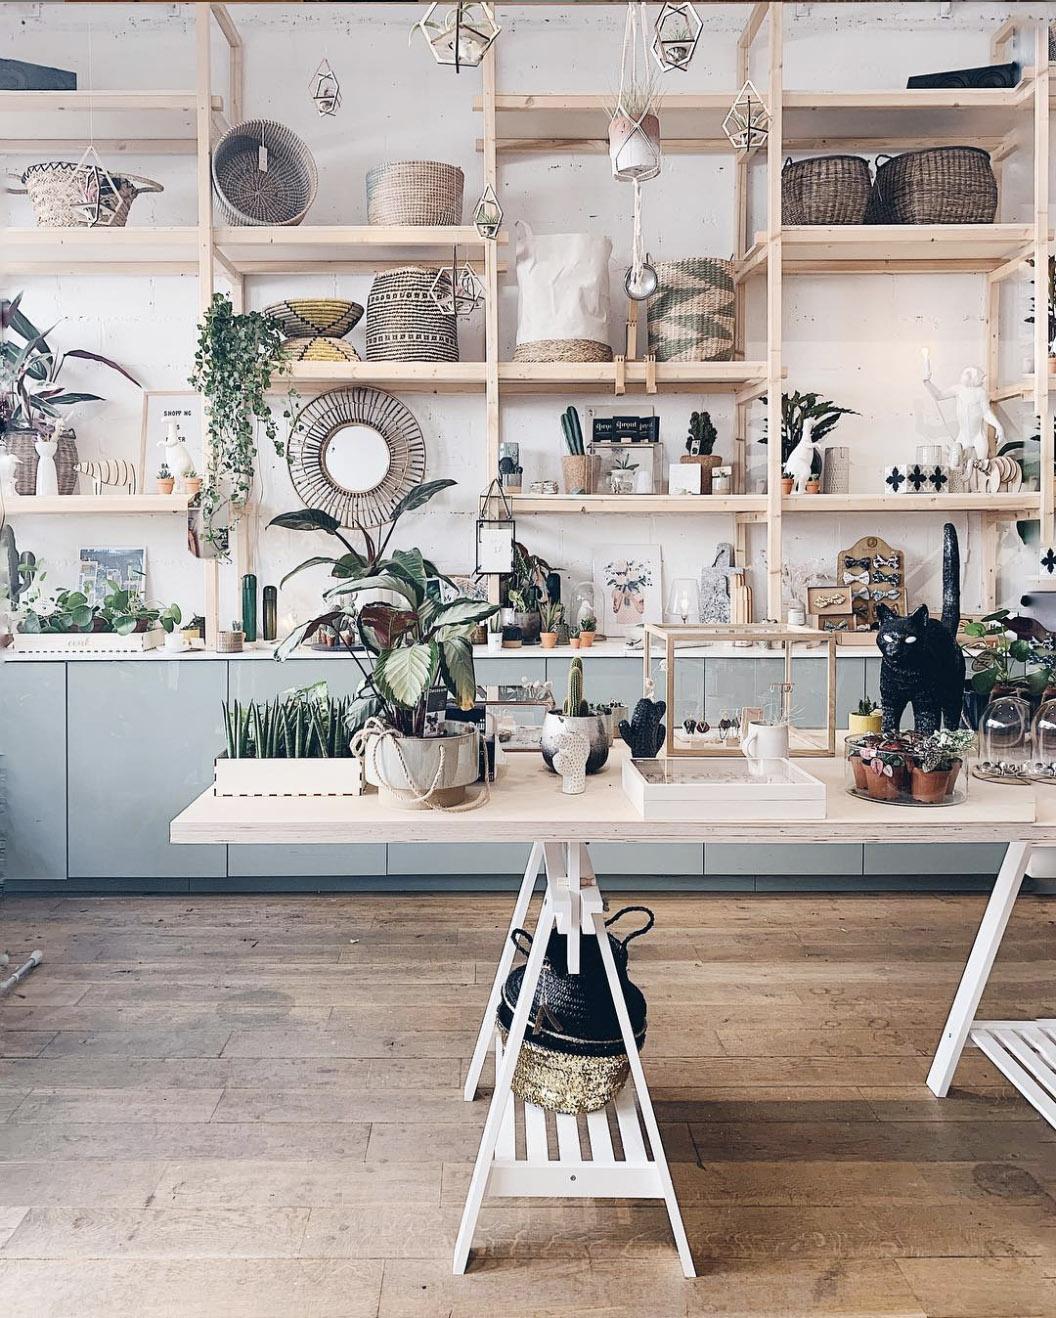 Intérieur du magasin Ooak Cabinet des Curiosités, à Louvain-la-Neuve